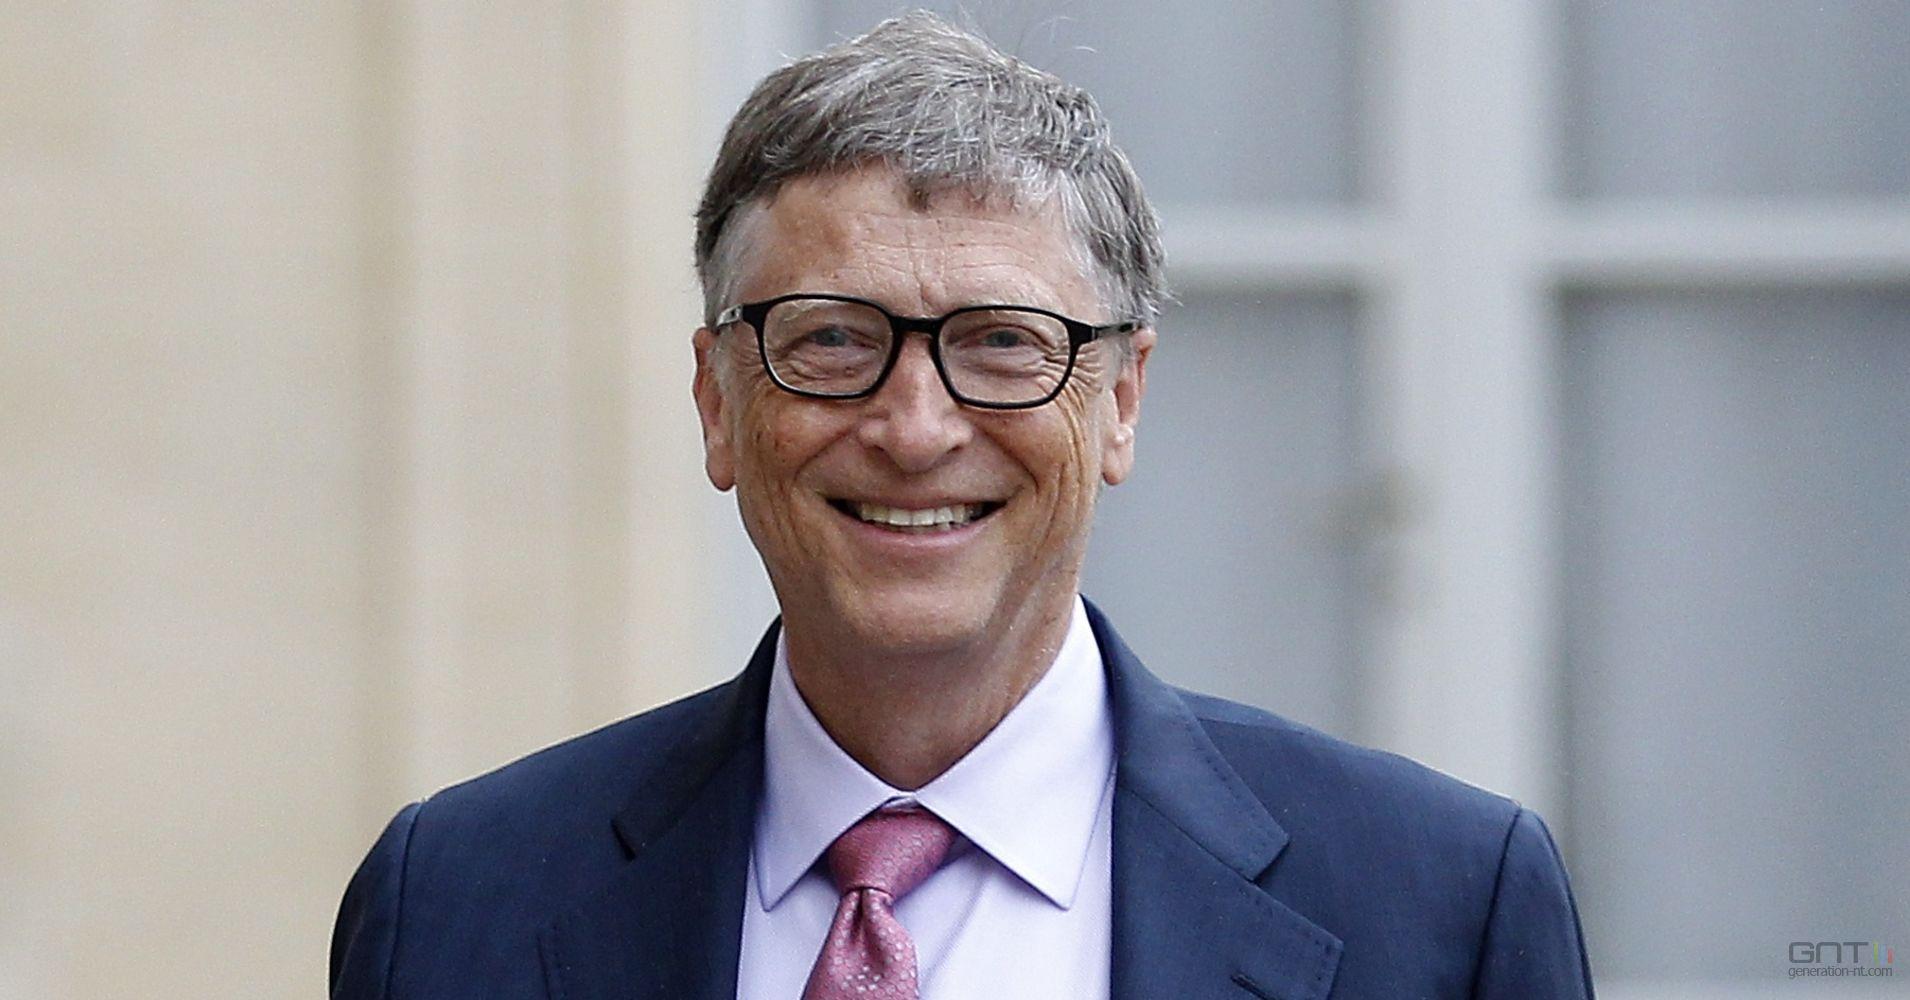 Le milliardaire Bill Gates quitte le conseil d'administration de Microsoft